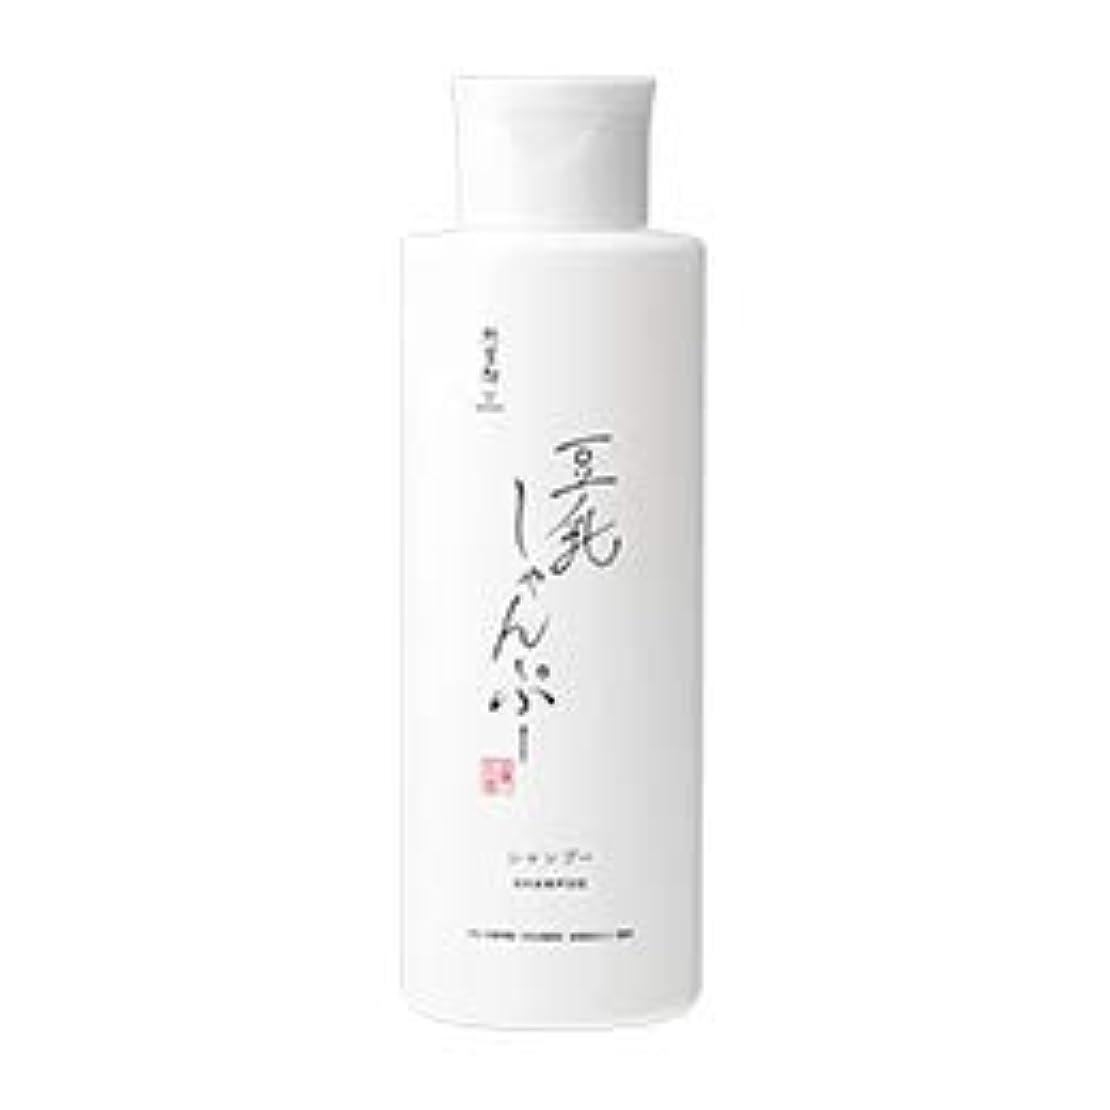 ボクシング忠実製作豆腐の盛田屋 豆乳しゃんぷー 自然生活 300mL